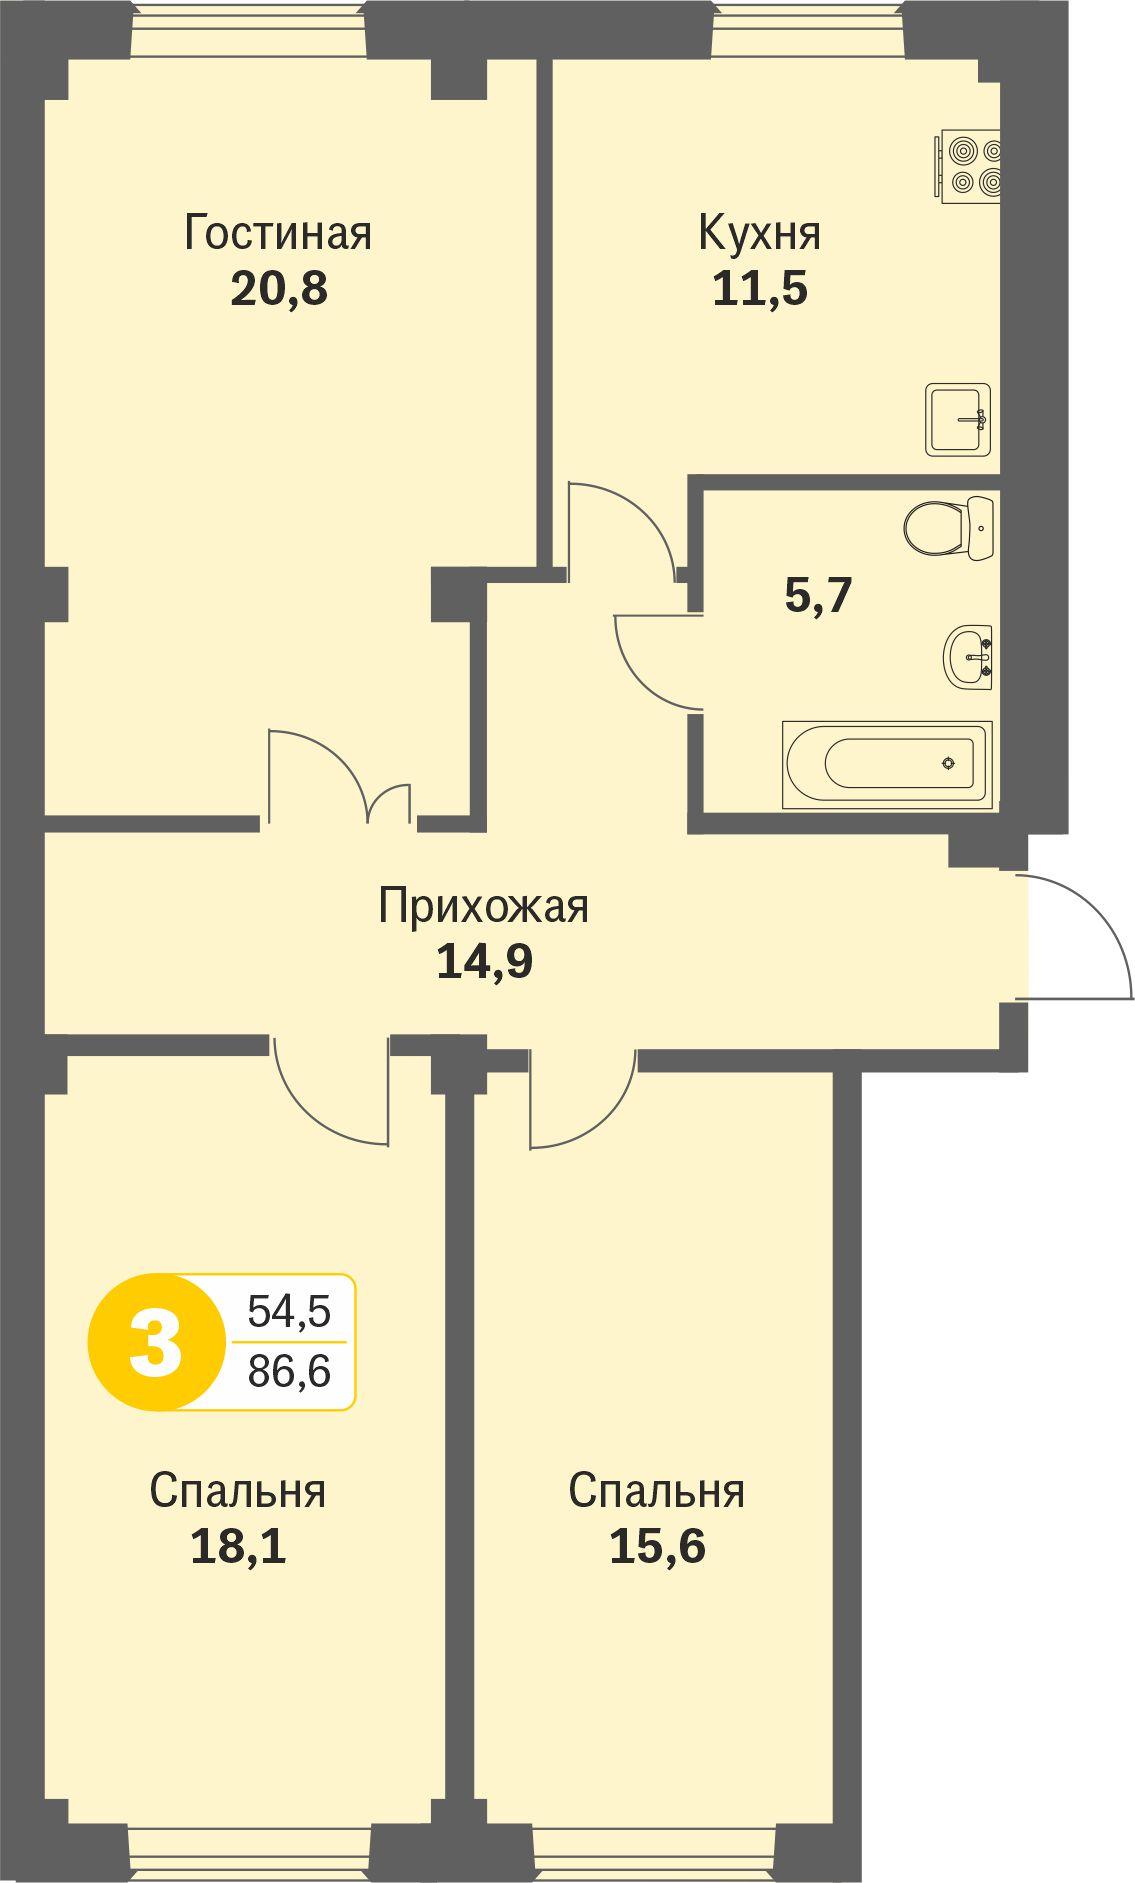 ул. Свиридова, 14, квартира 550 - Трехкомнатная